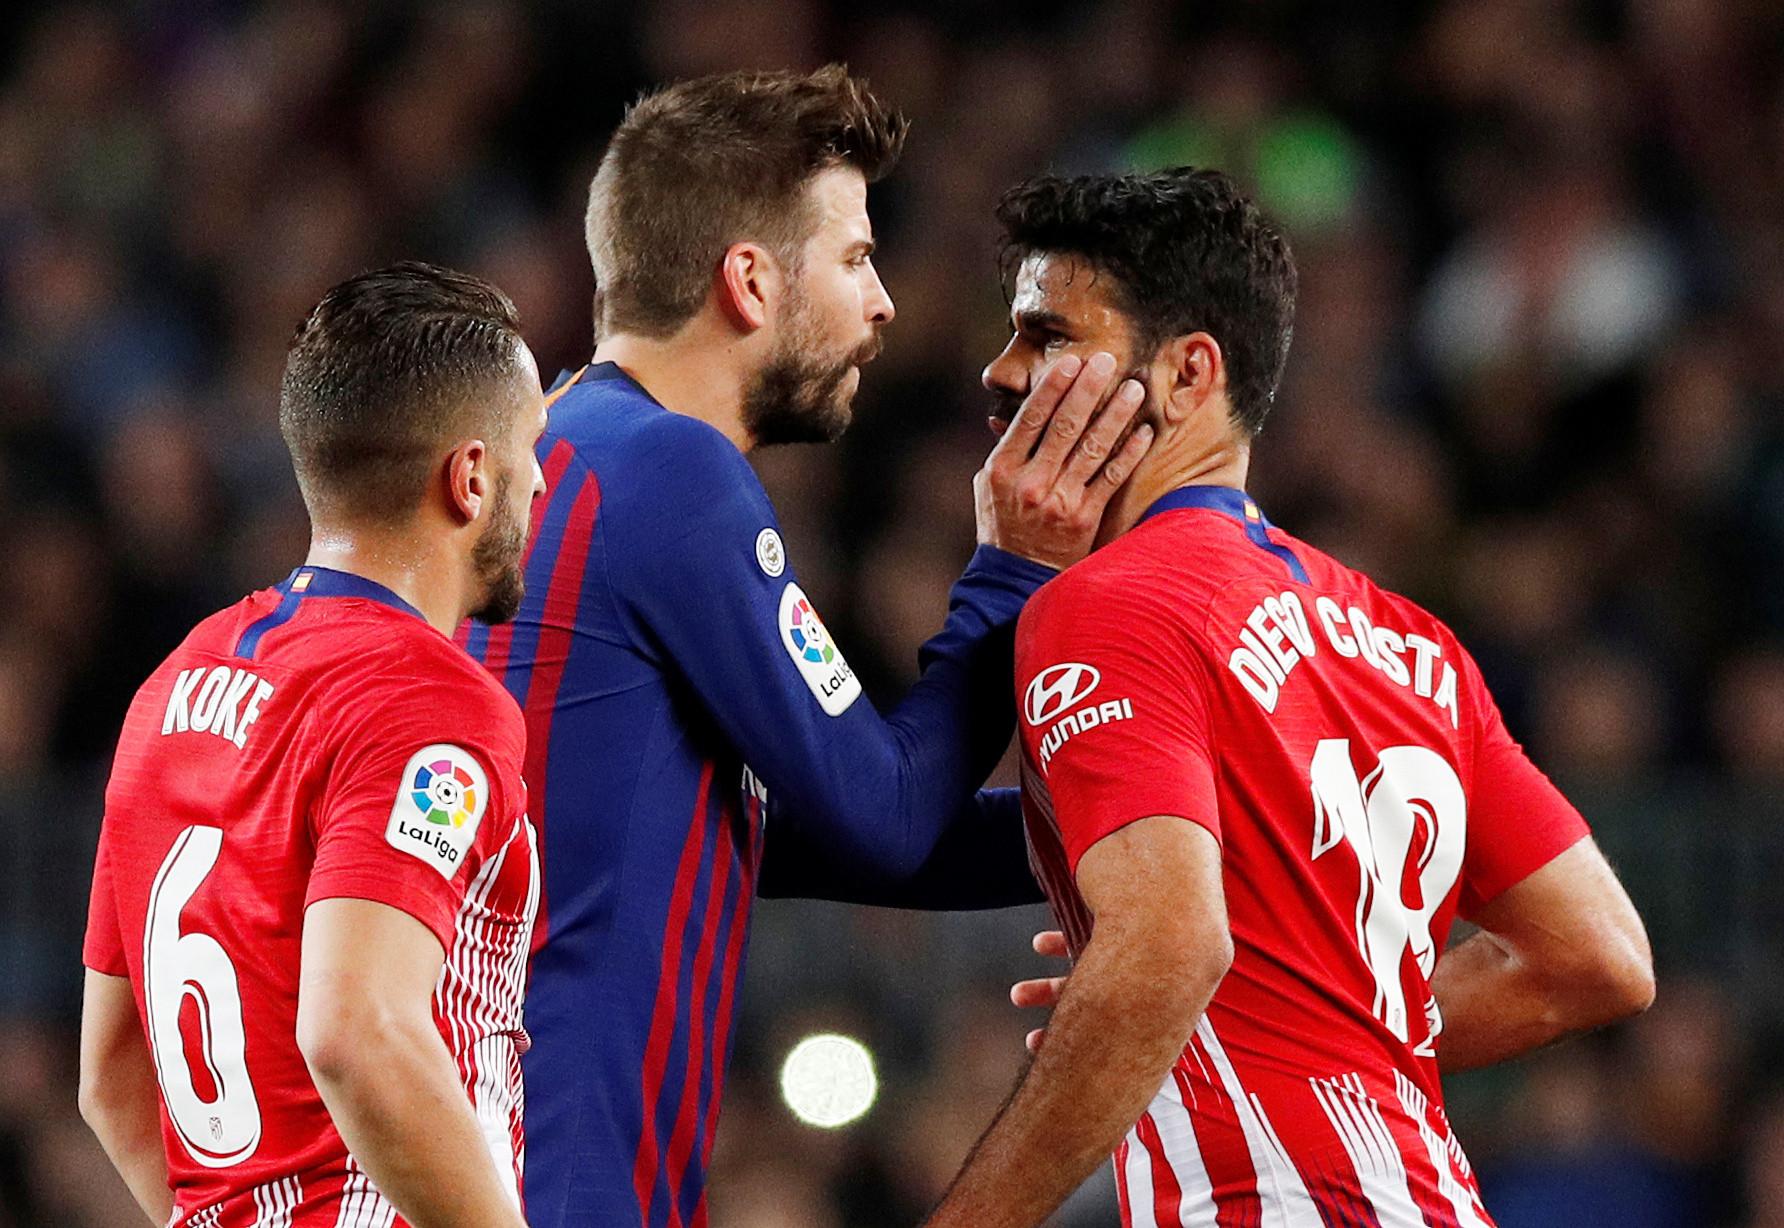 Espanhóis revelam palavras de Piqué a Diego Costa após a expulsão